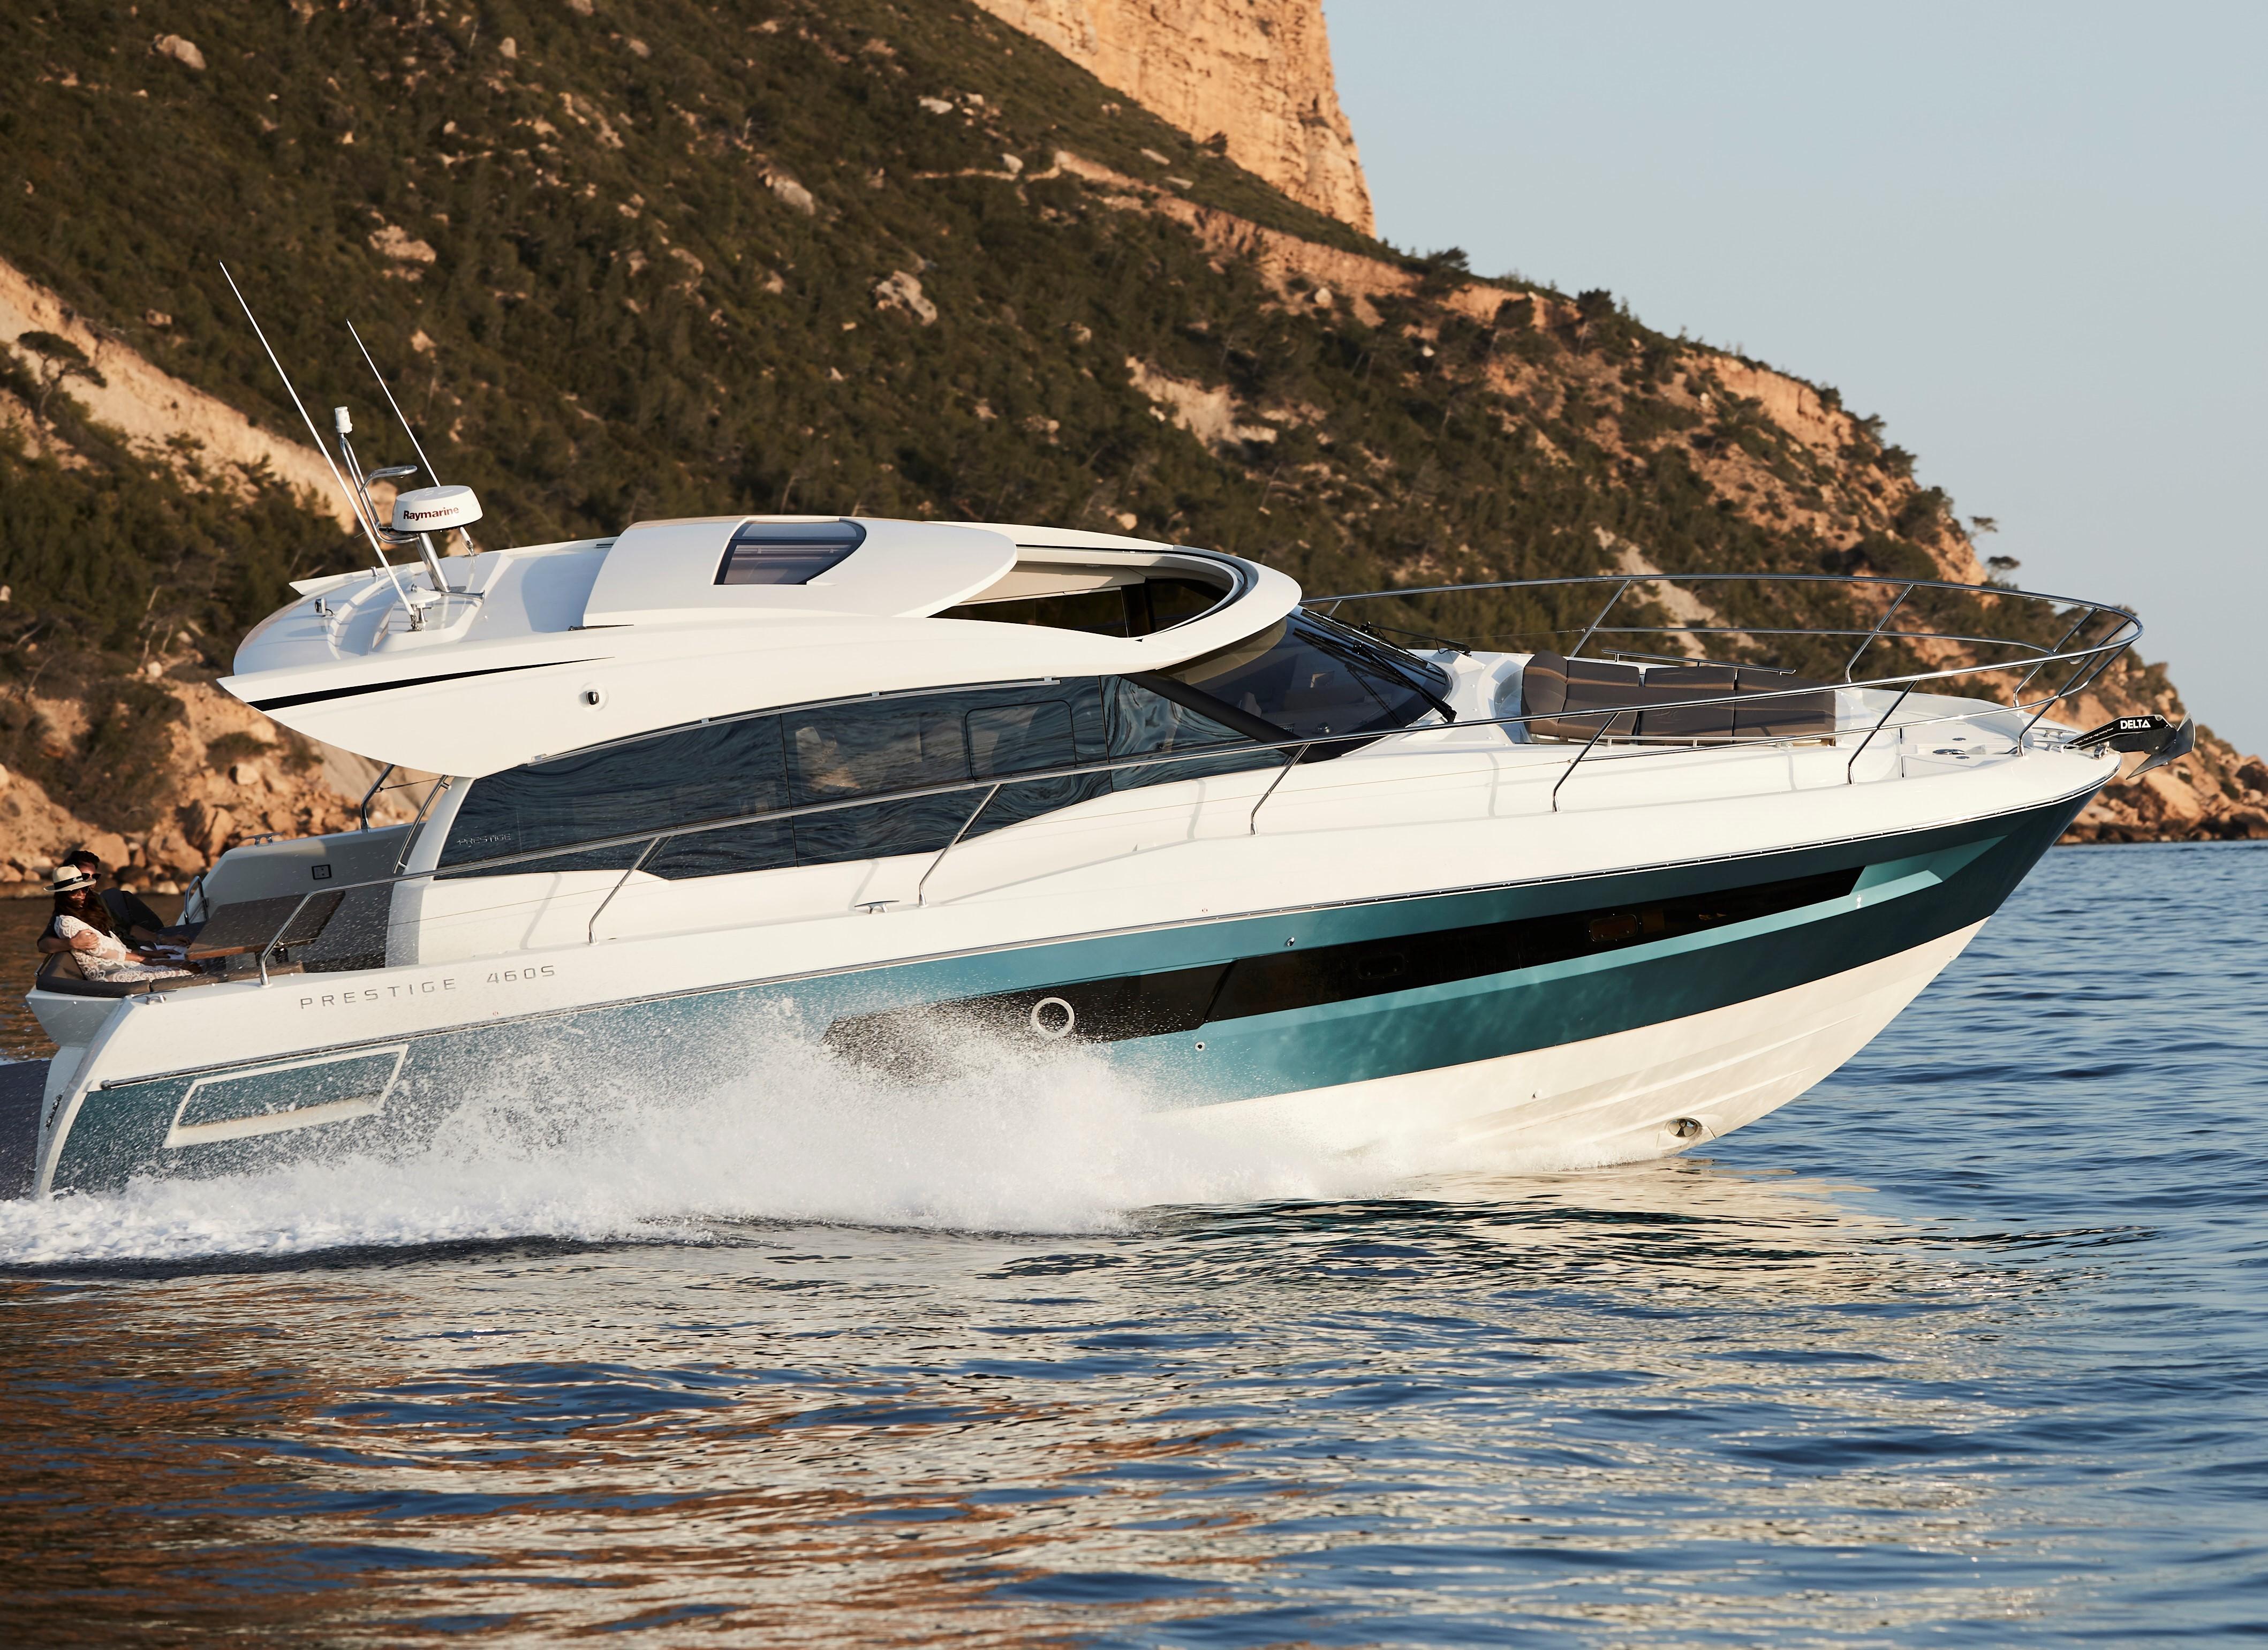 Prestige 460S Prestige 460s Yacht